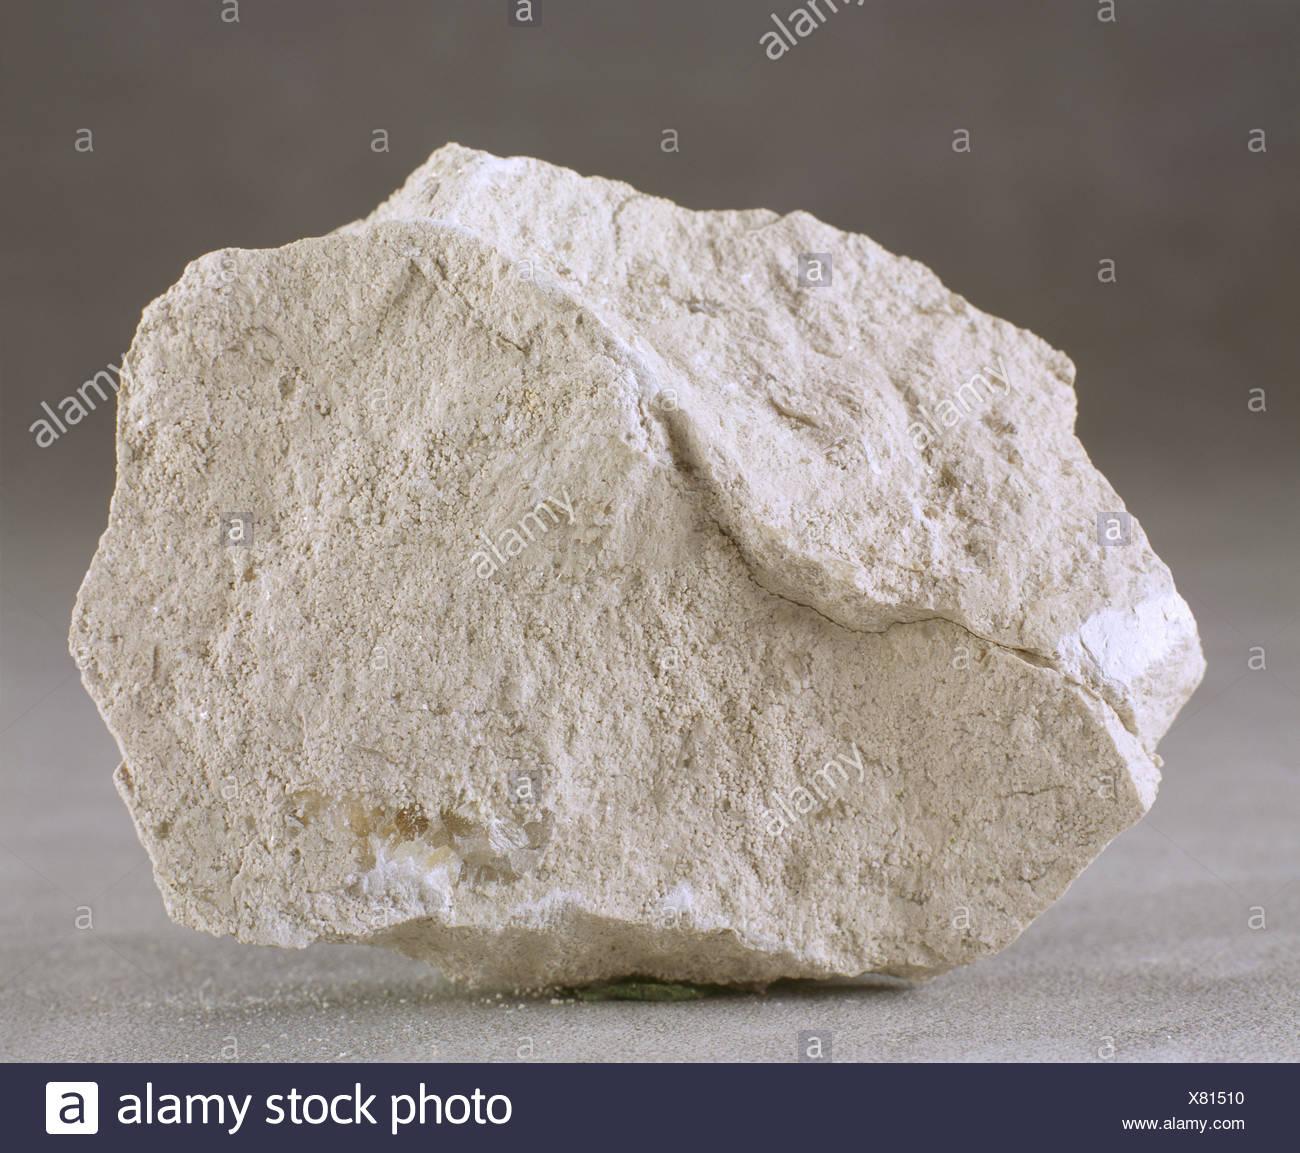 Oolitic Limestone Stock Photos & Oolitic Limestone Stock